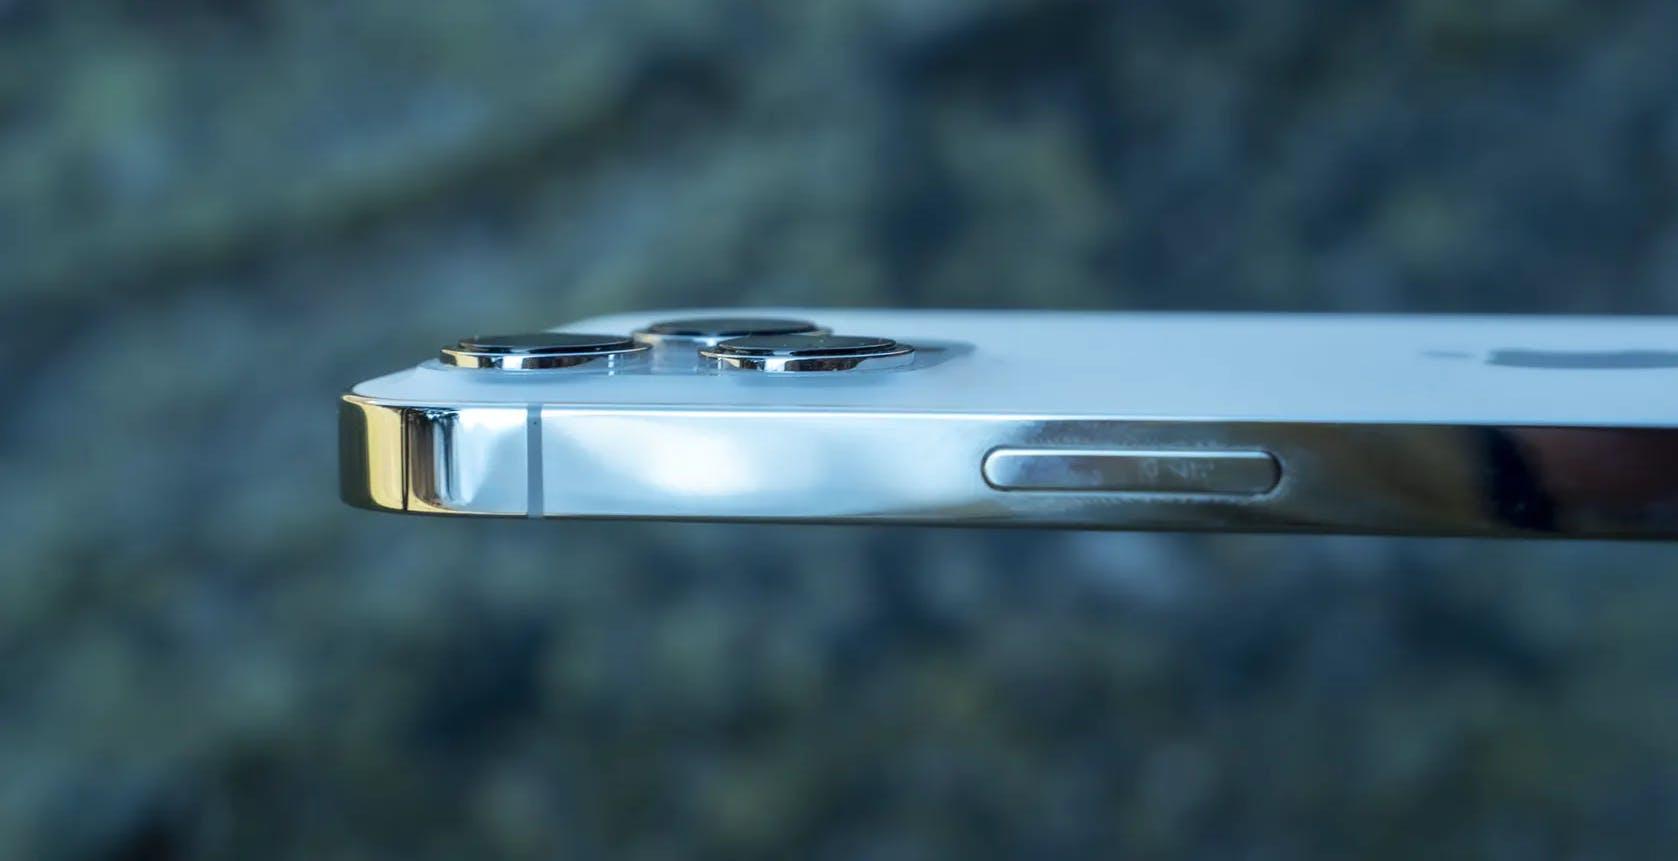 iPhone 13 avrà l'effetto Ritratto per i video, registrerà in ProRes e lo schermo avrà un refresh rate elevato